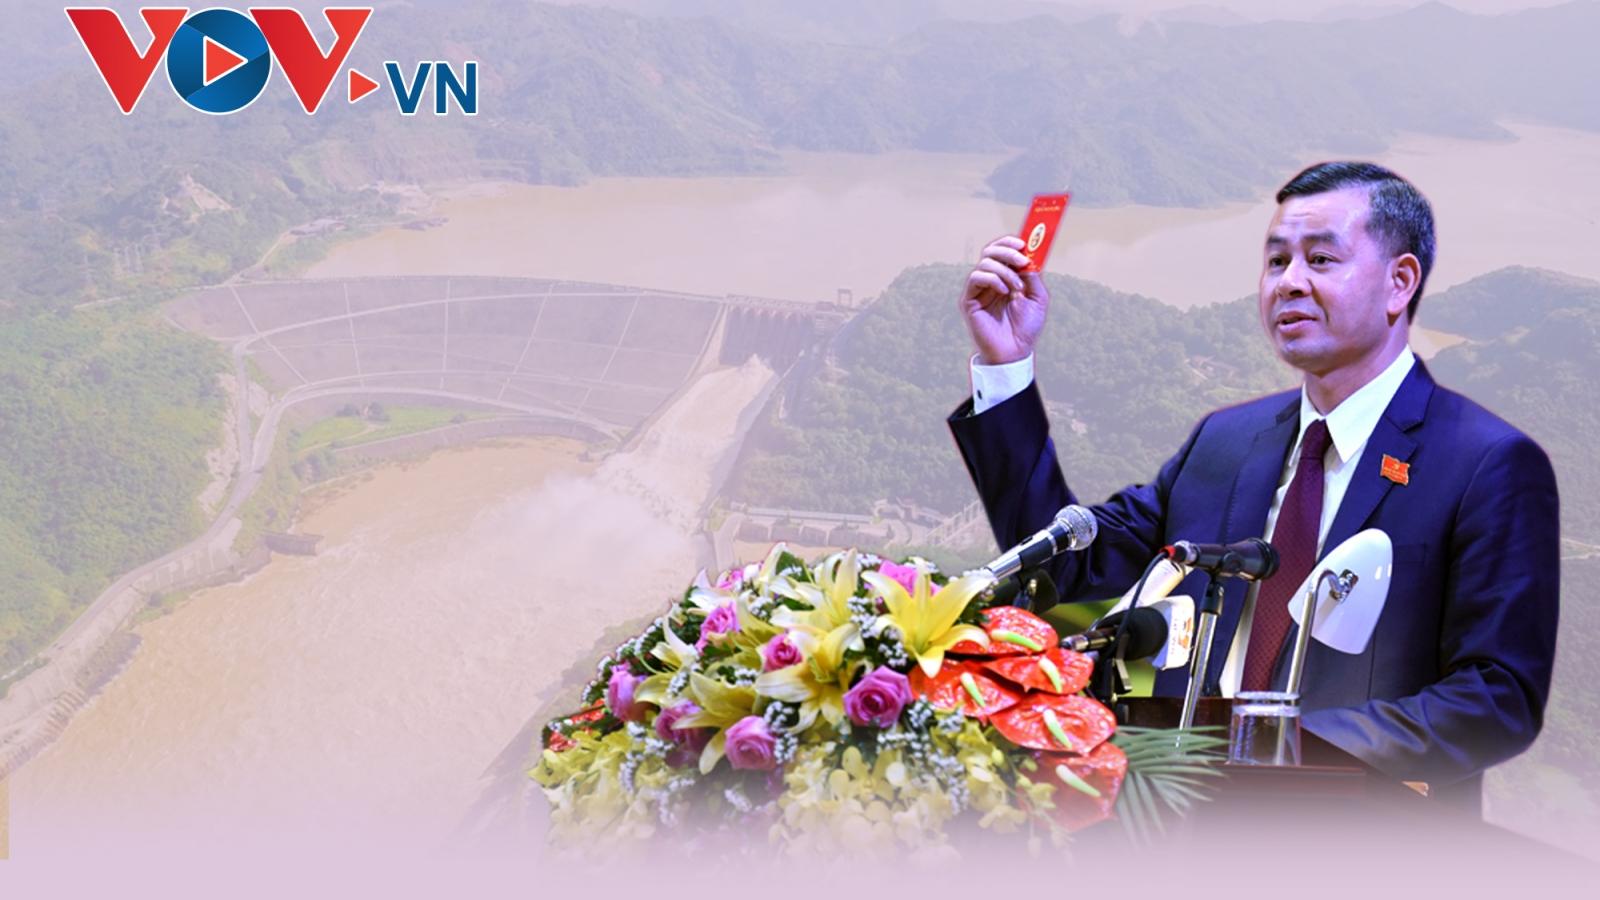 Chân dung tân Bí thư Tỉnh ủy Hoà Bình Ngô Văn Tuấn